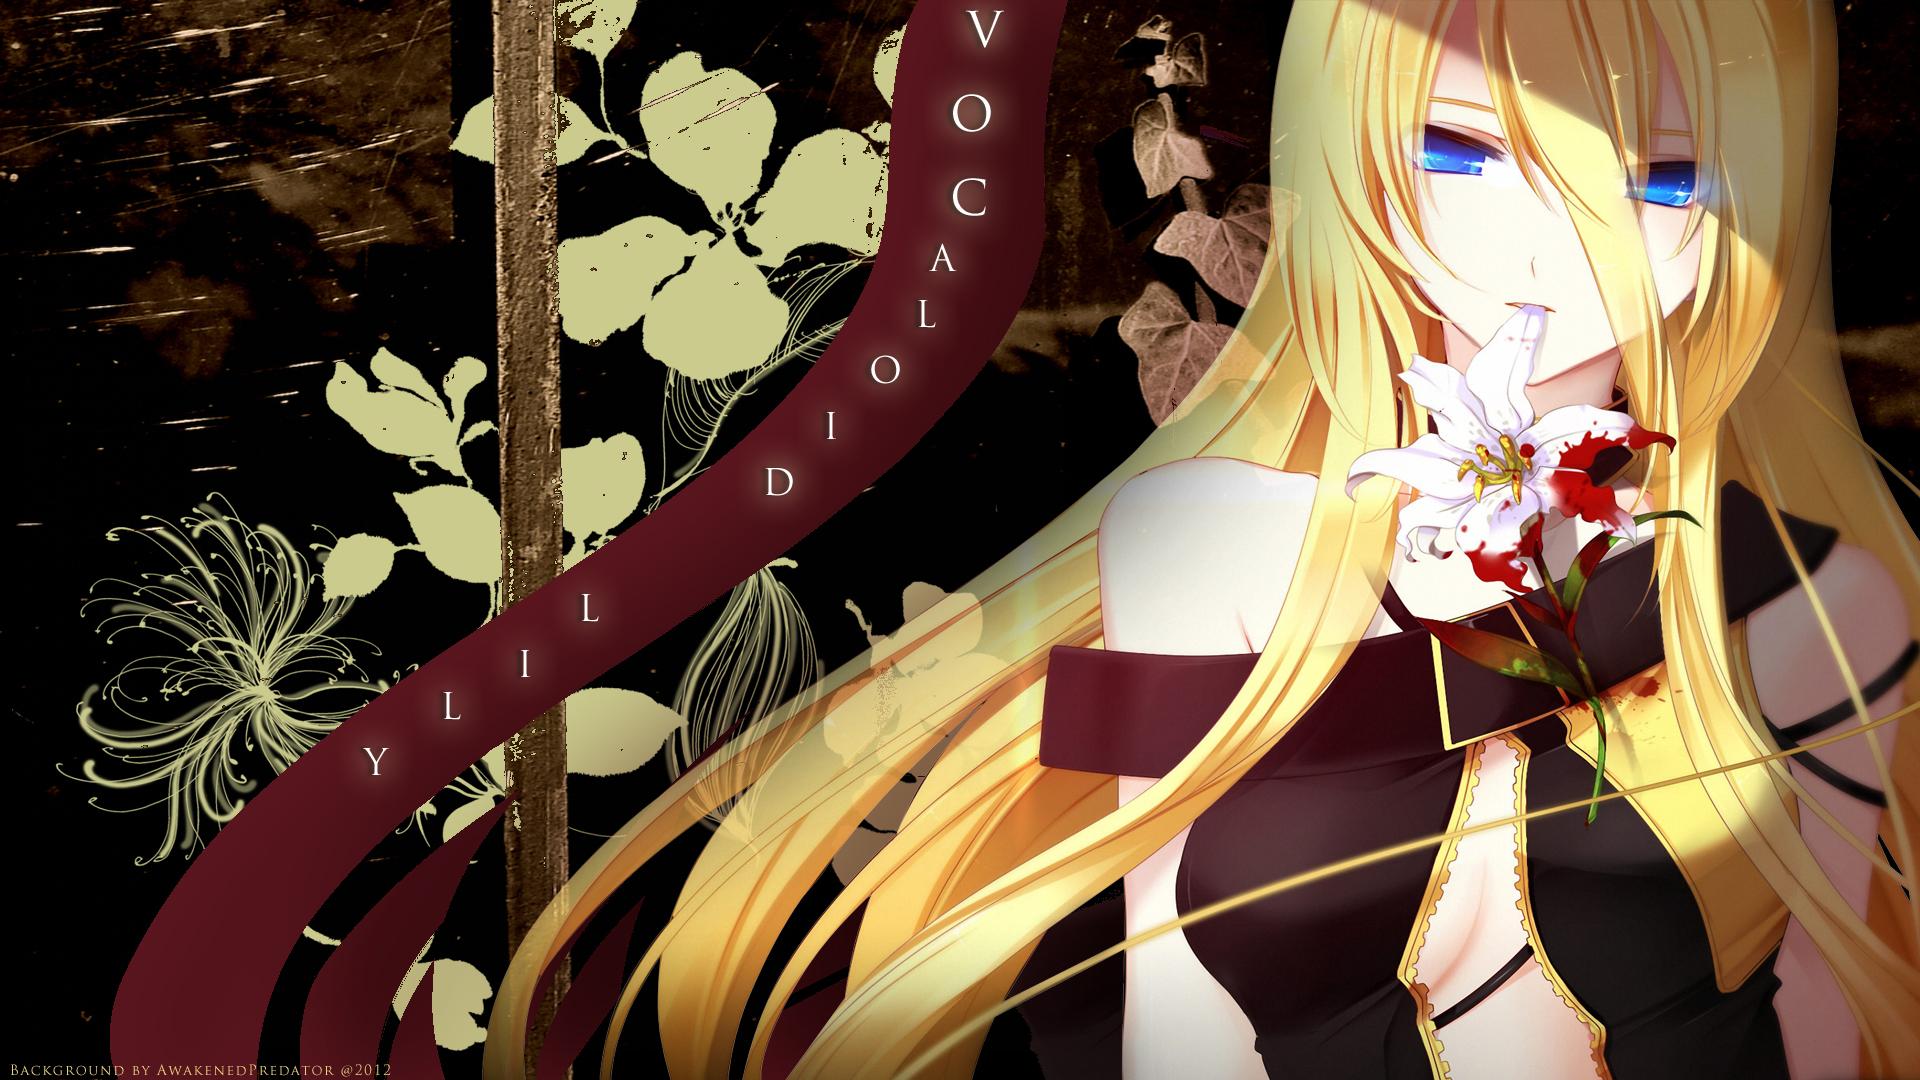 http://fc03.deviantart.net/fs70/f/2012/048/a/1/vocaloid_lily_by_awakenedpredator-d4q0sso.jpg